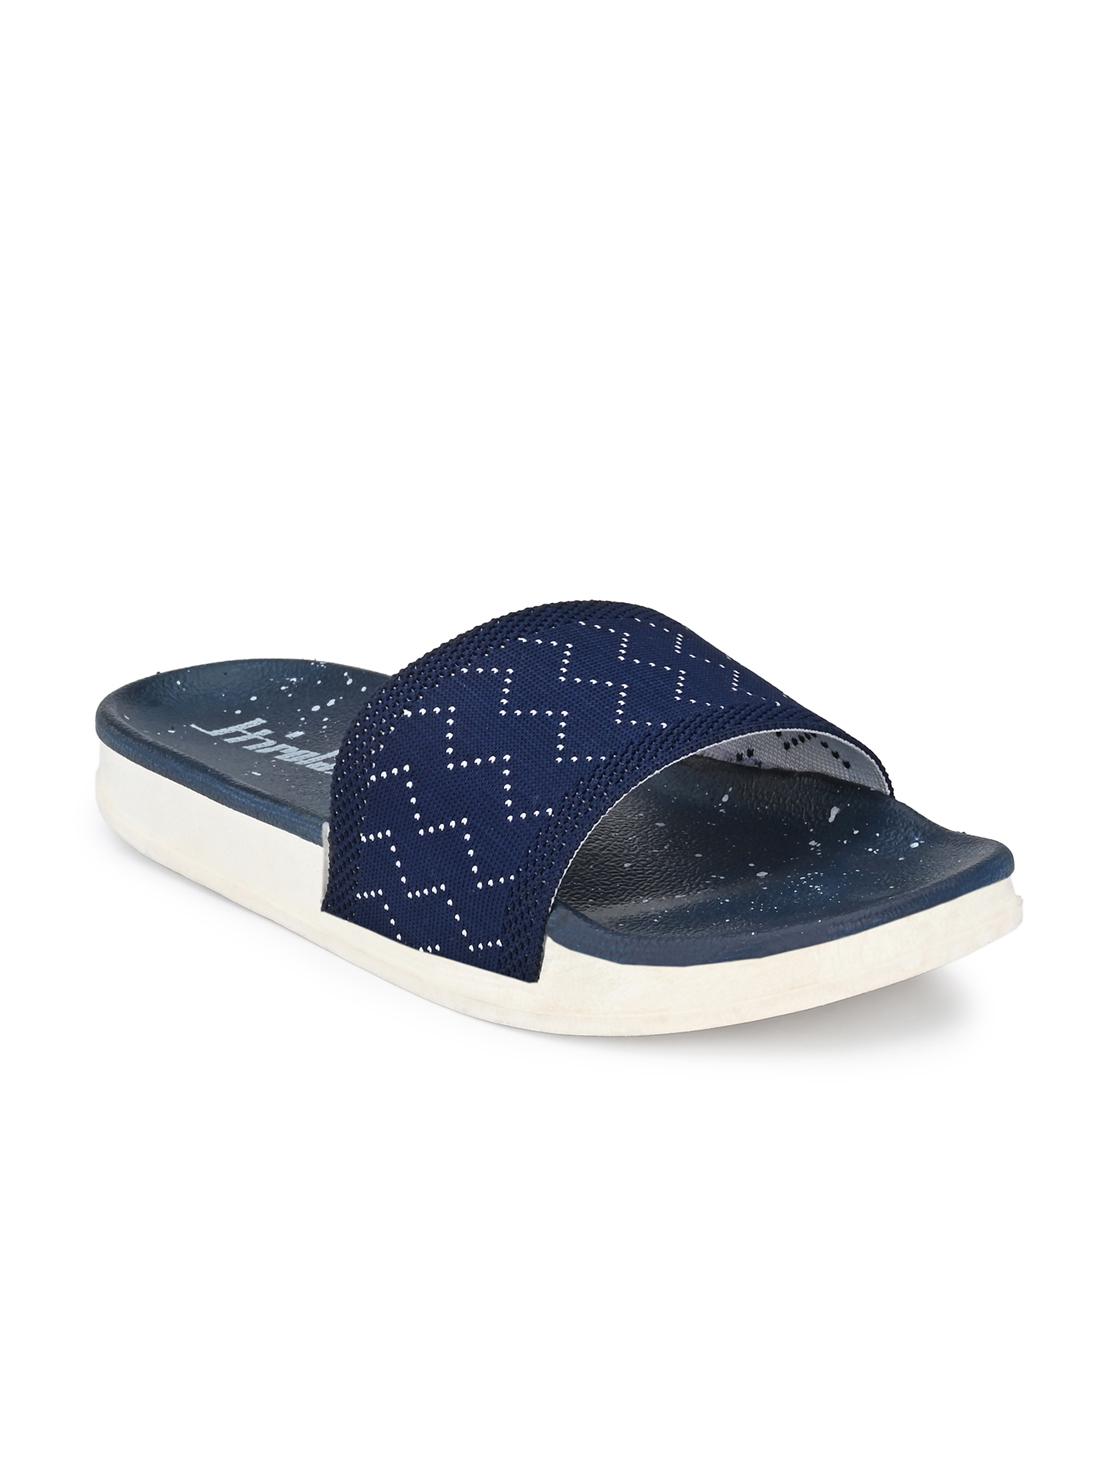 Hirolas | Hirolas® Women Knitted Slipper Sliders - Blue